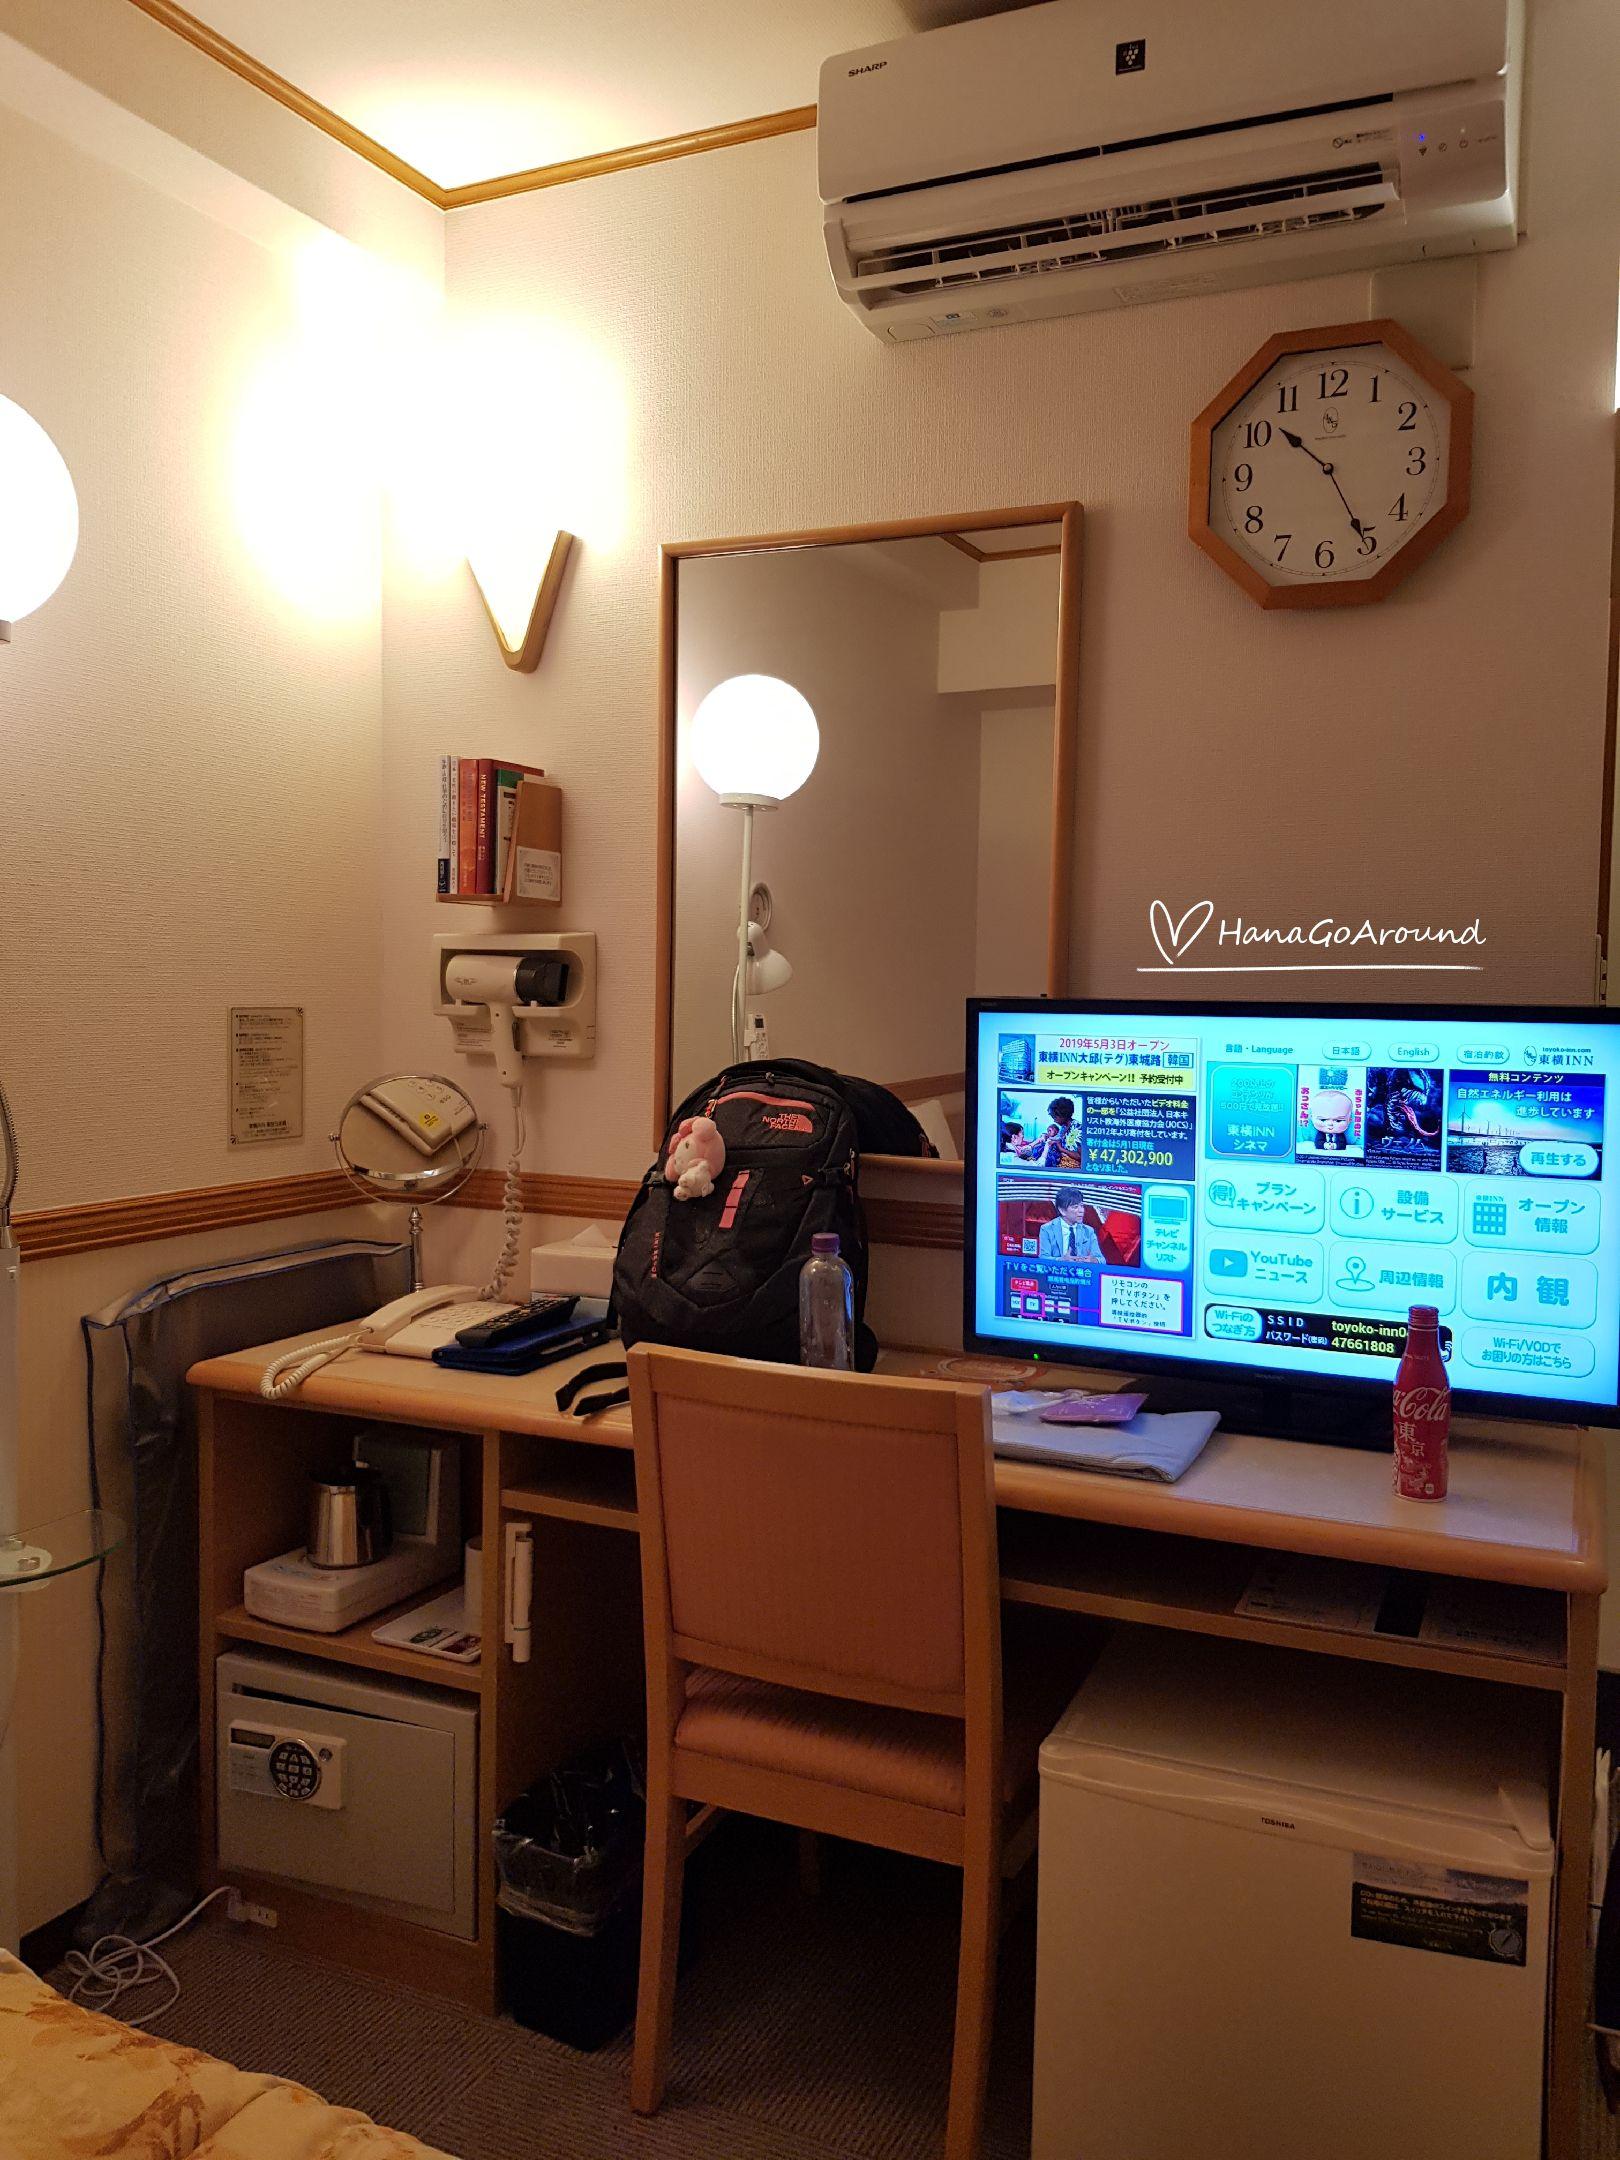 รีวิวที่พักดังย่านโตเกียว Toyoko Inn Tokyo Nihombashi Hotel